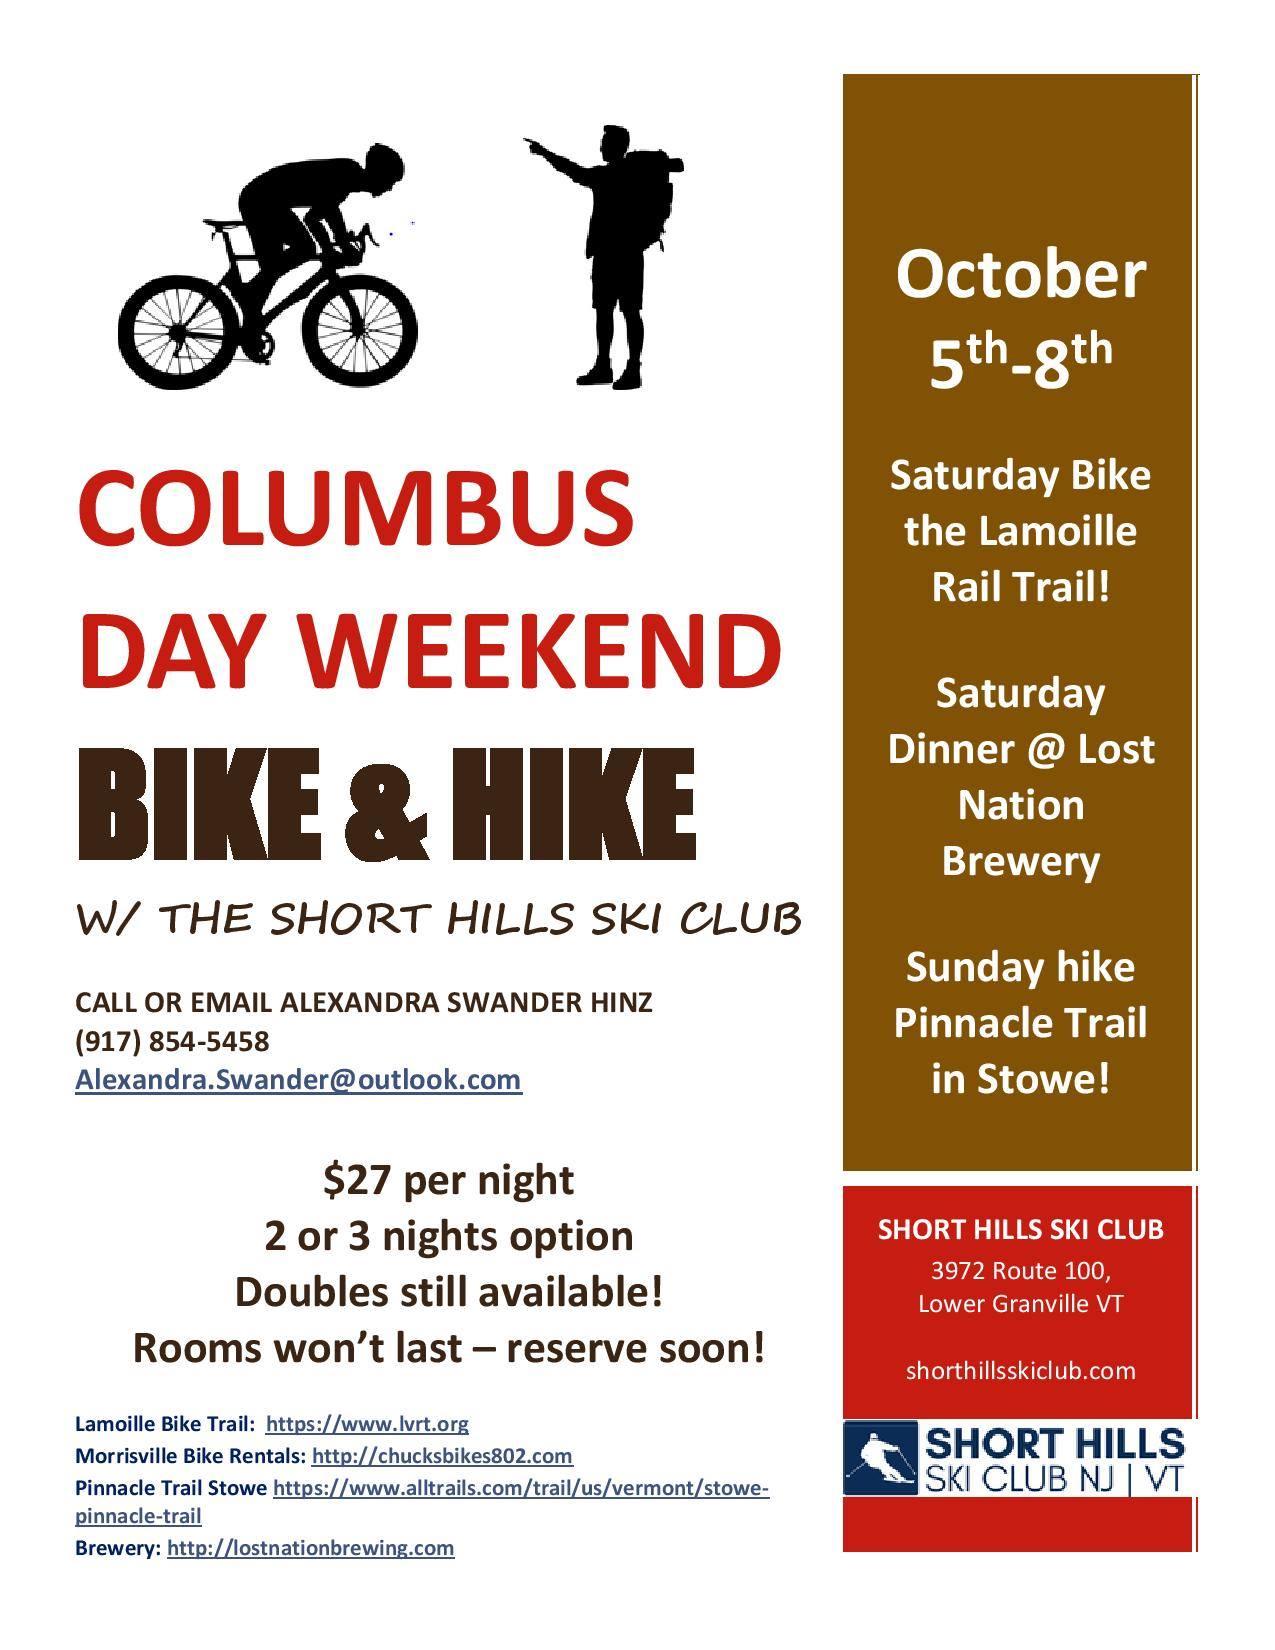 SHSC Hike and Bike Weekend 8